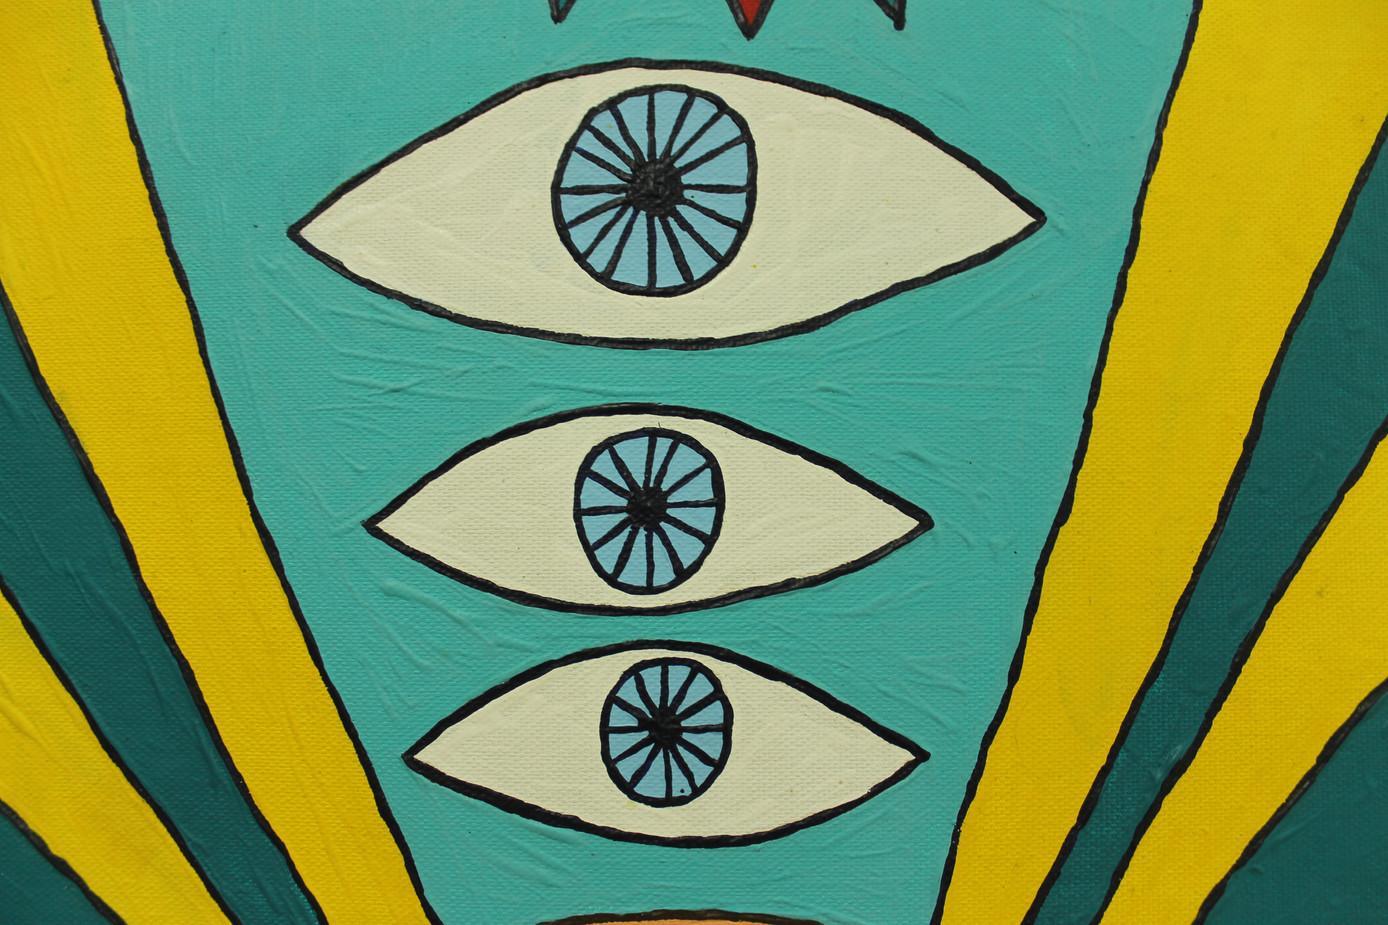 Око, яким ти дивишся на Бога, і око, яким Бог дивиться на тебе – одне і те ж